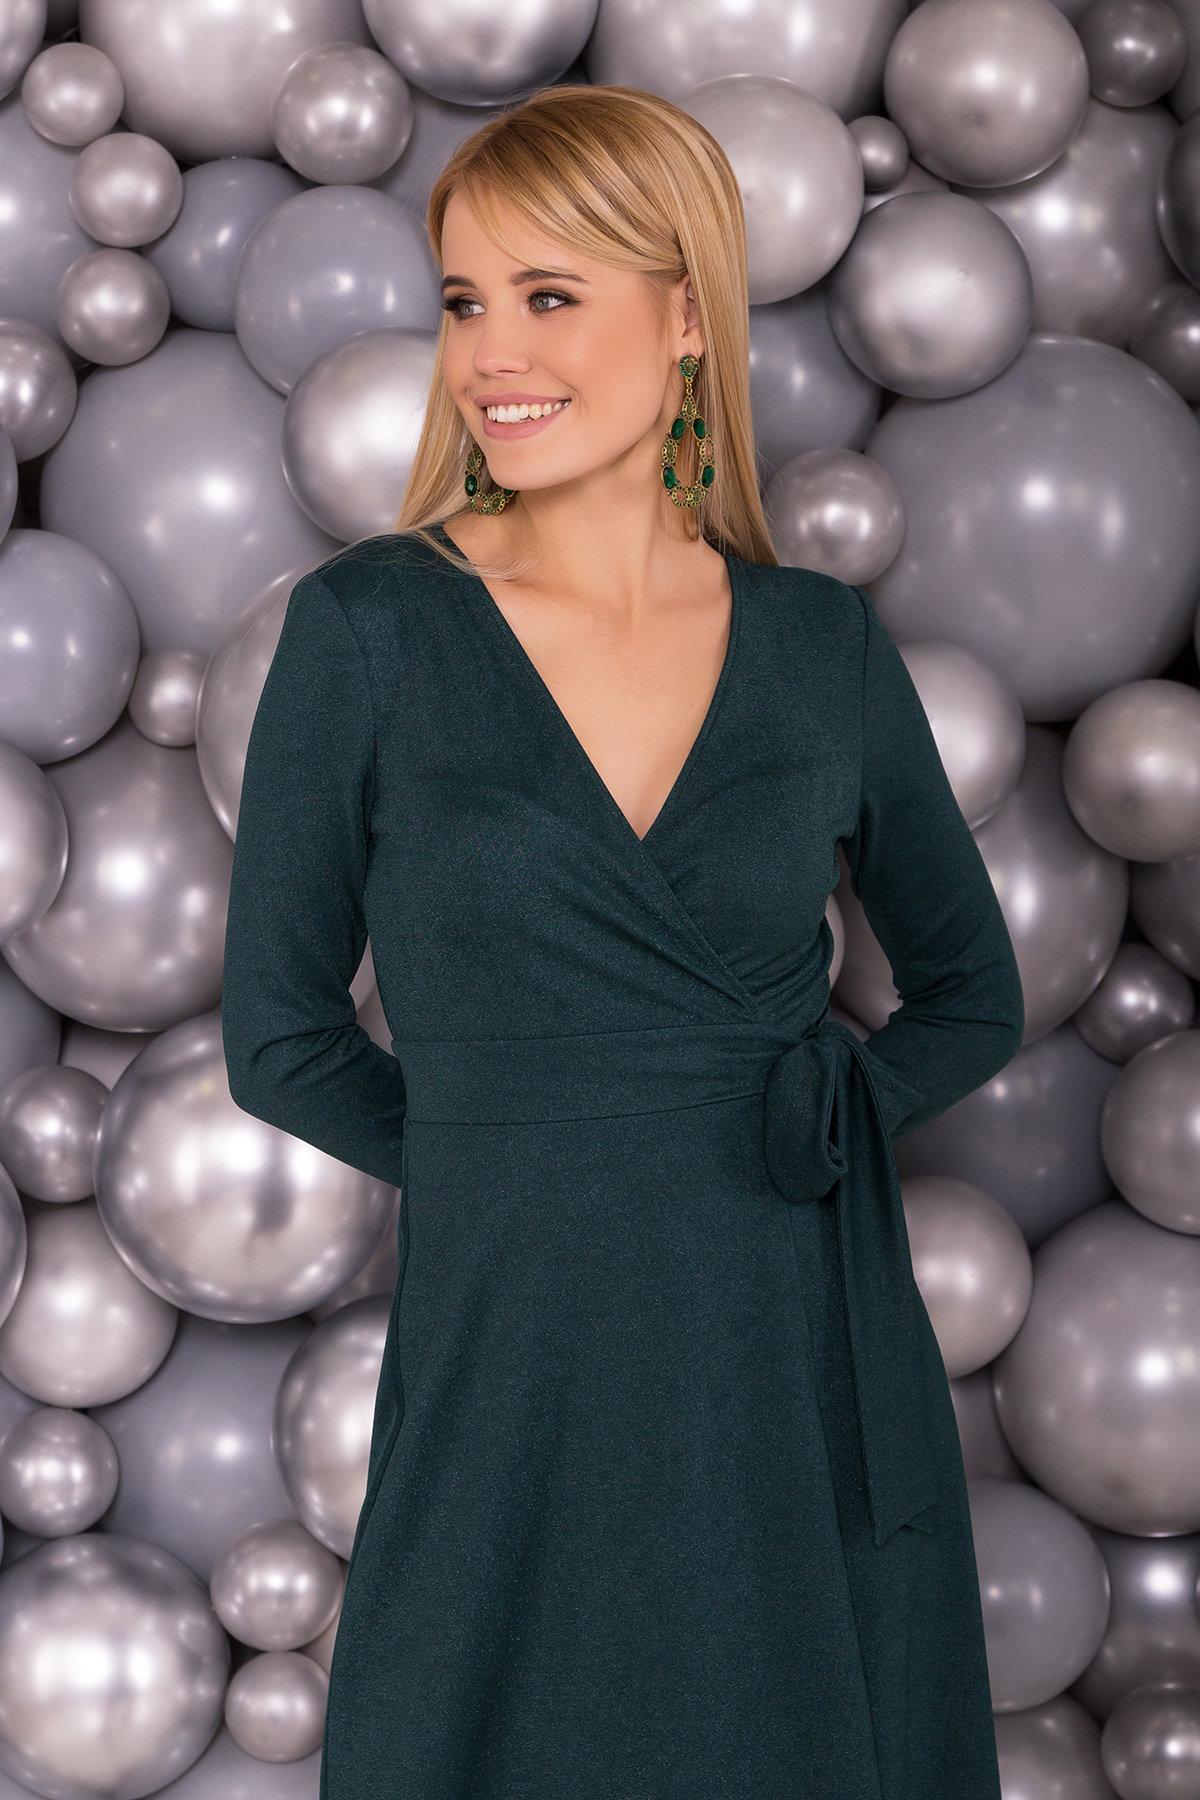 Платье миди Жозель 5863 АРТ. 38226 Цвет: Зеленый - фото 3, интернет магазин tm-modus.ru